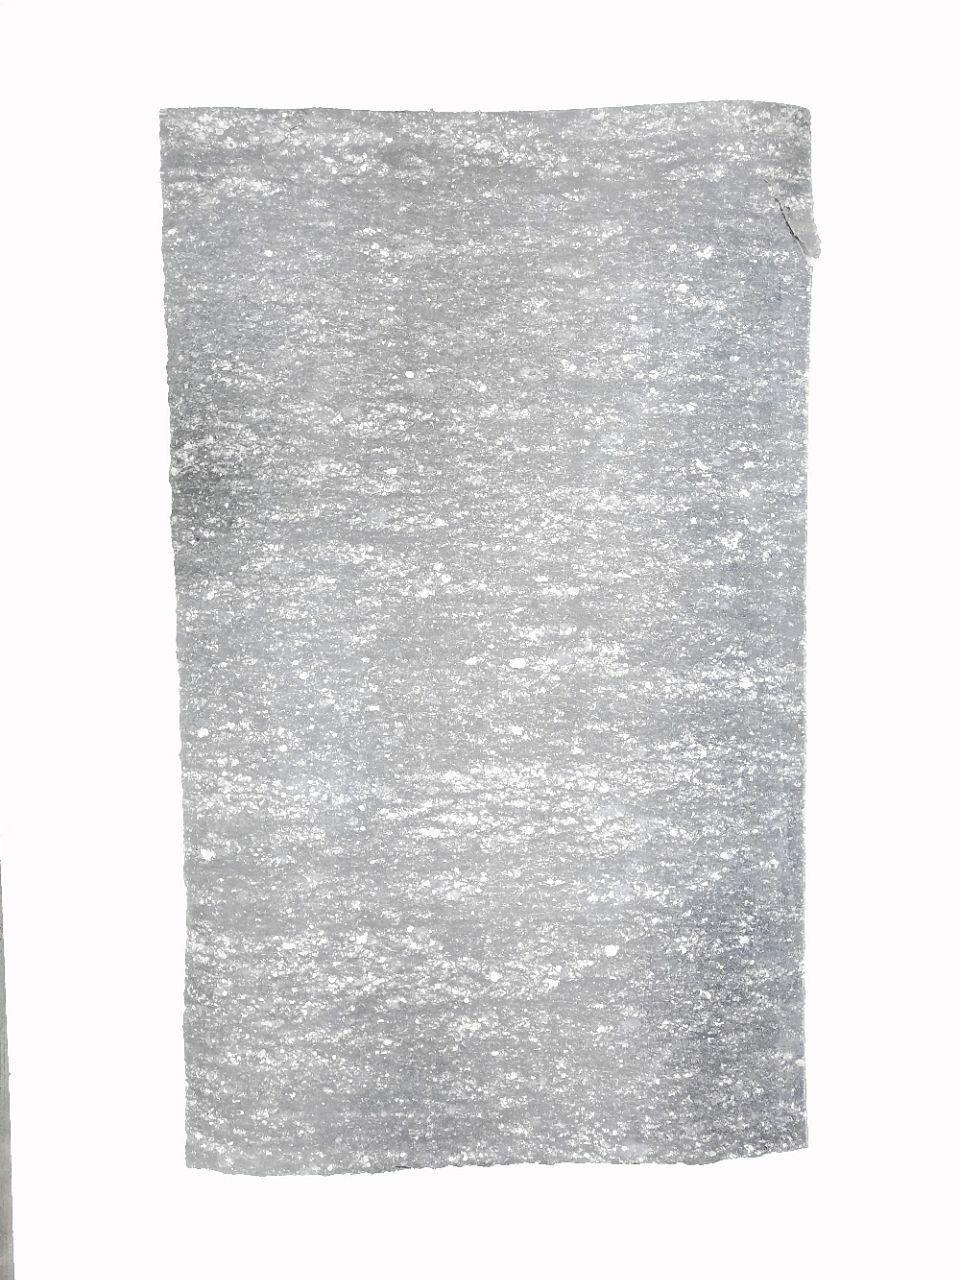 Paronit 0.6 mm (kg) VATI